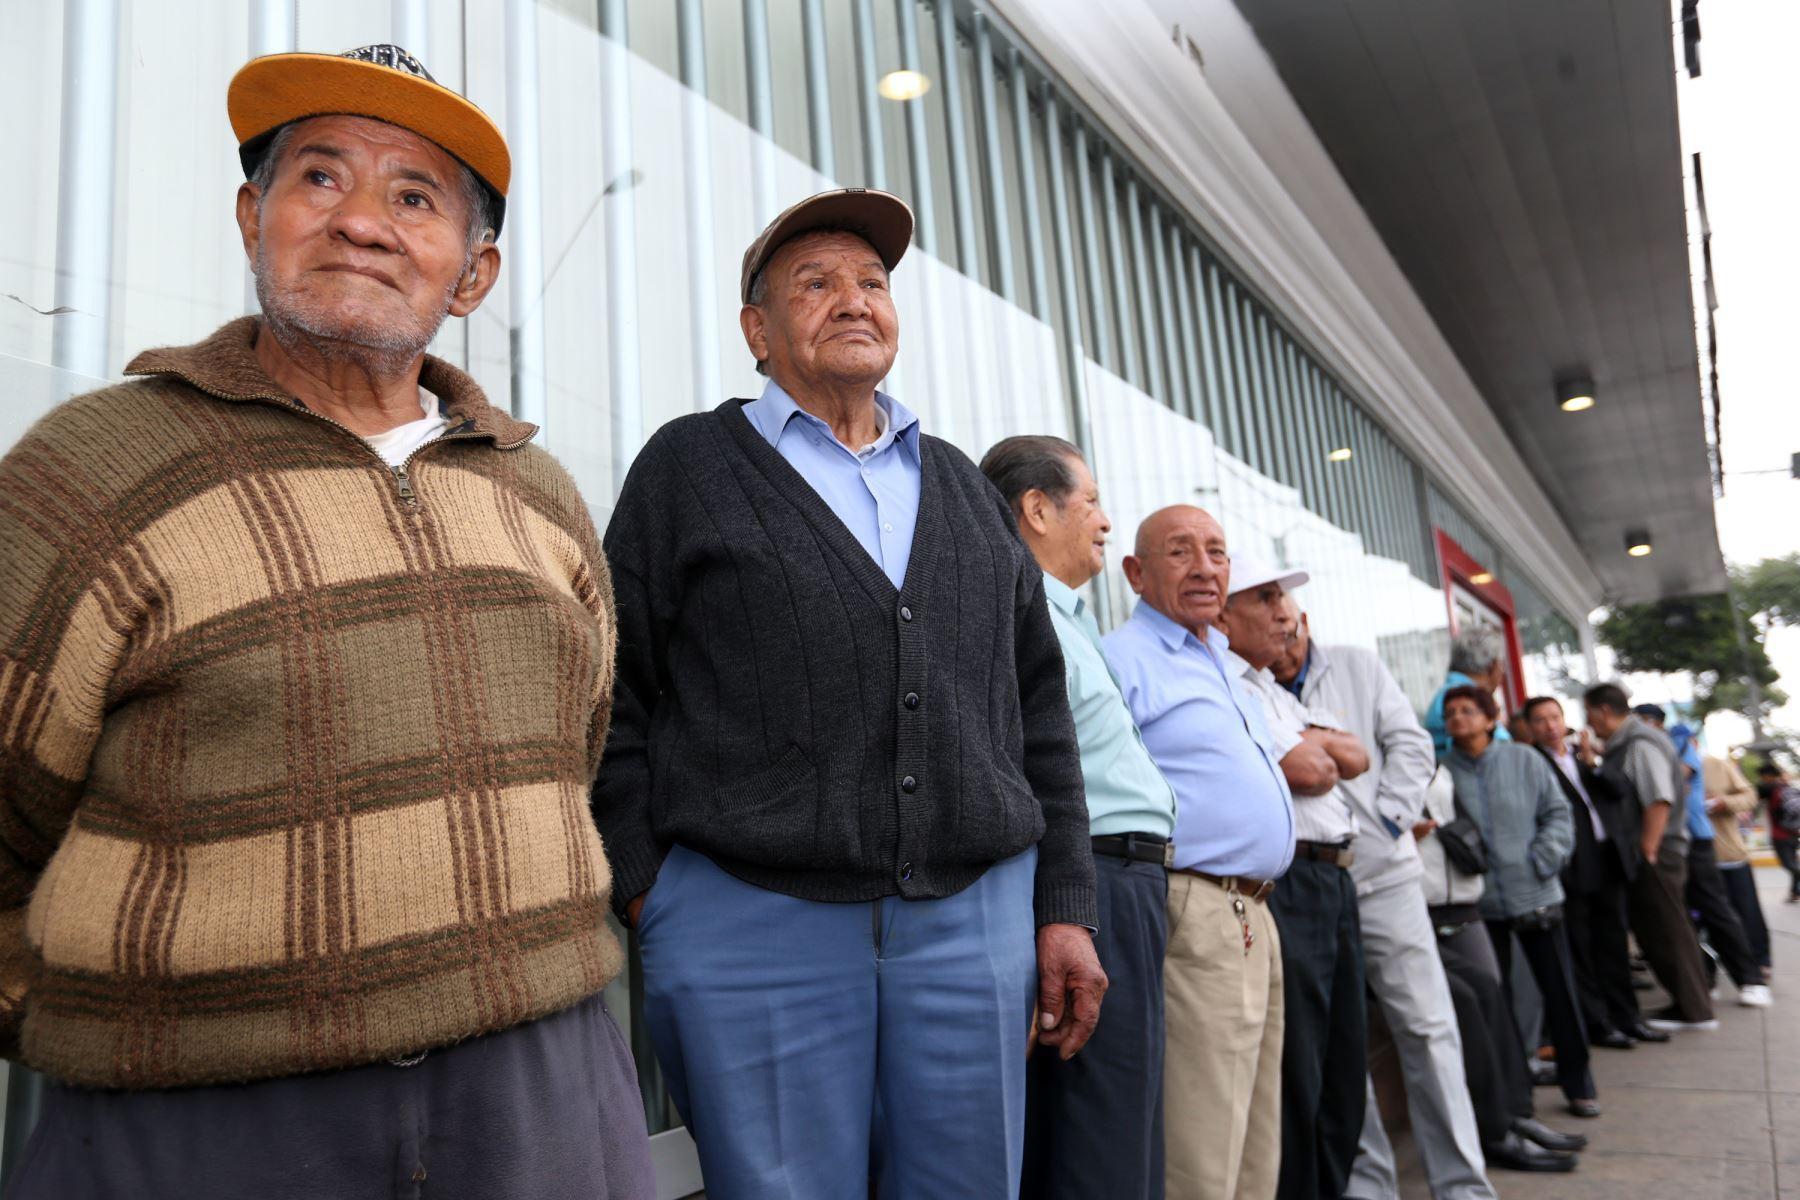 Cabe resaltar que la hipoteca inversa puede ser solicitada por ciudadanos de cualquier edad. Foto: ANDINA/Norman Córdova